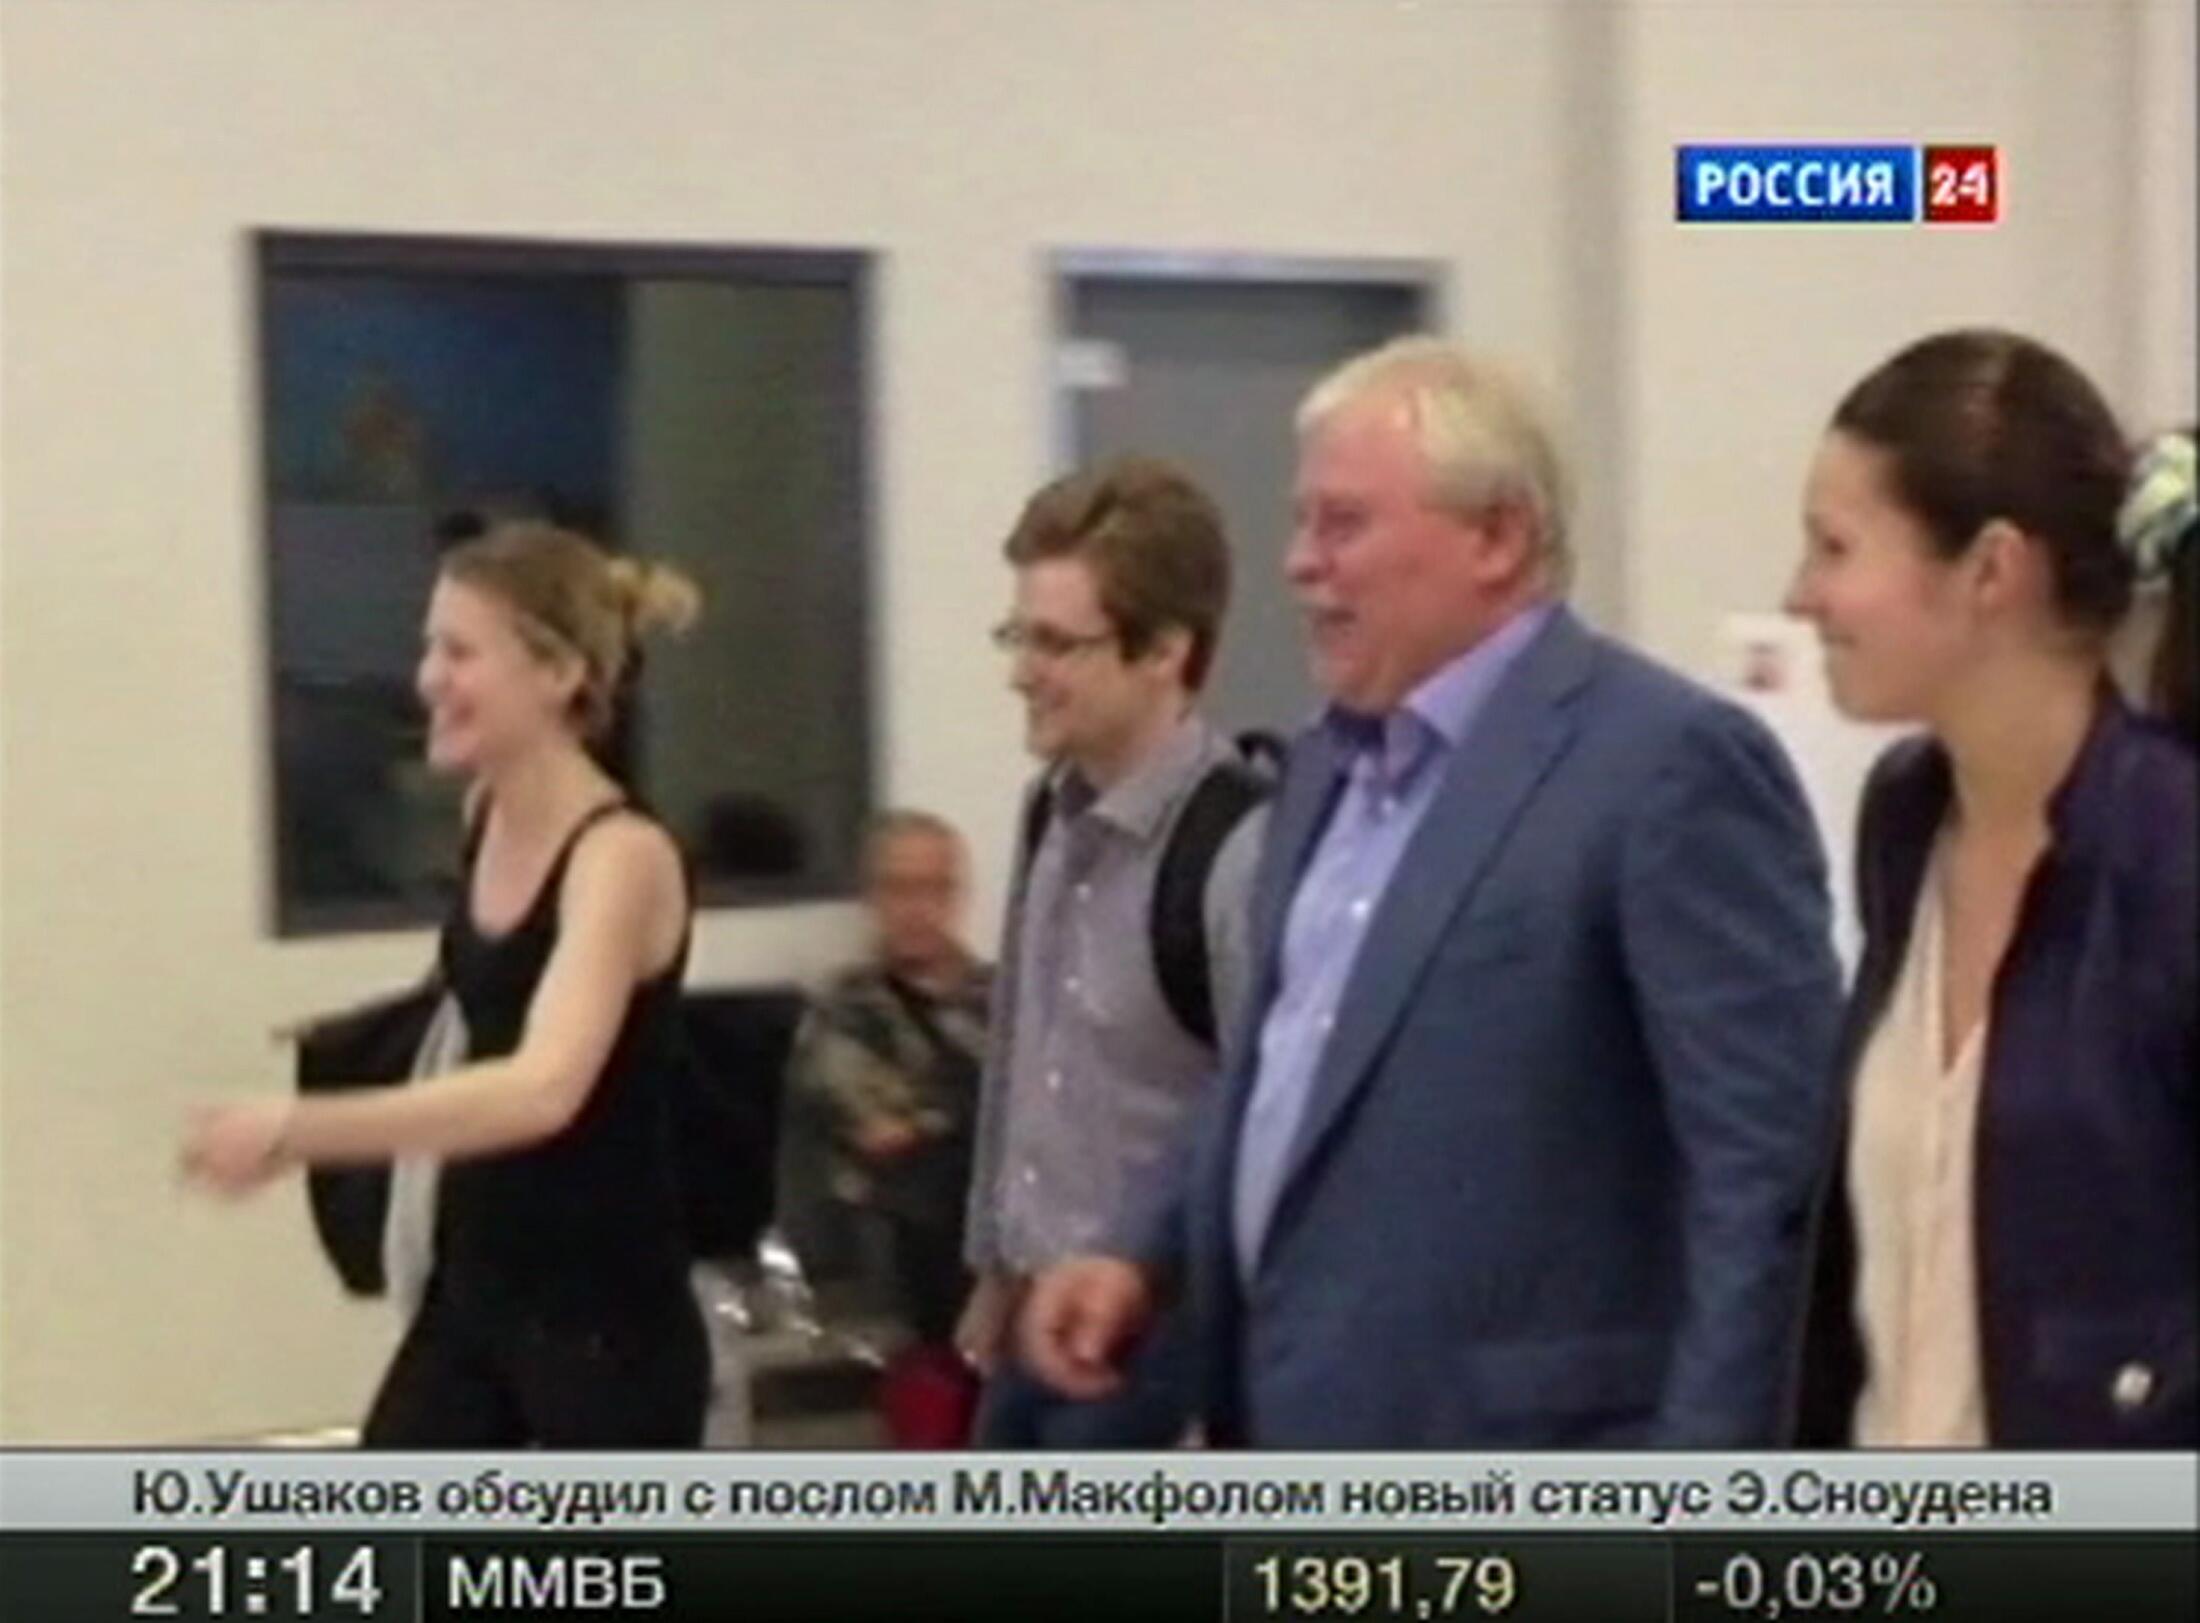 Capture d'écran d'une télévision russe où l'on voit Edward Snowden (2e à gauche) quitter la zone de transit de l'aéroport Cheremetievo, accompagné par son avocat, après avoir obtenu le droit d'asile. Moscou, le 1er août 2013.